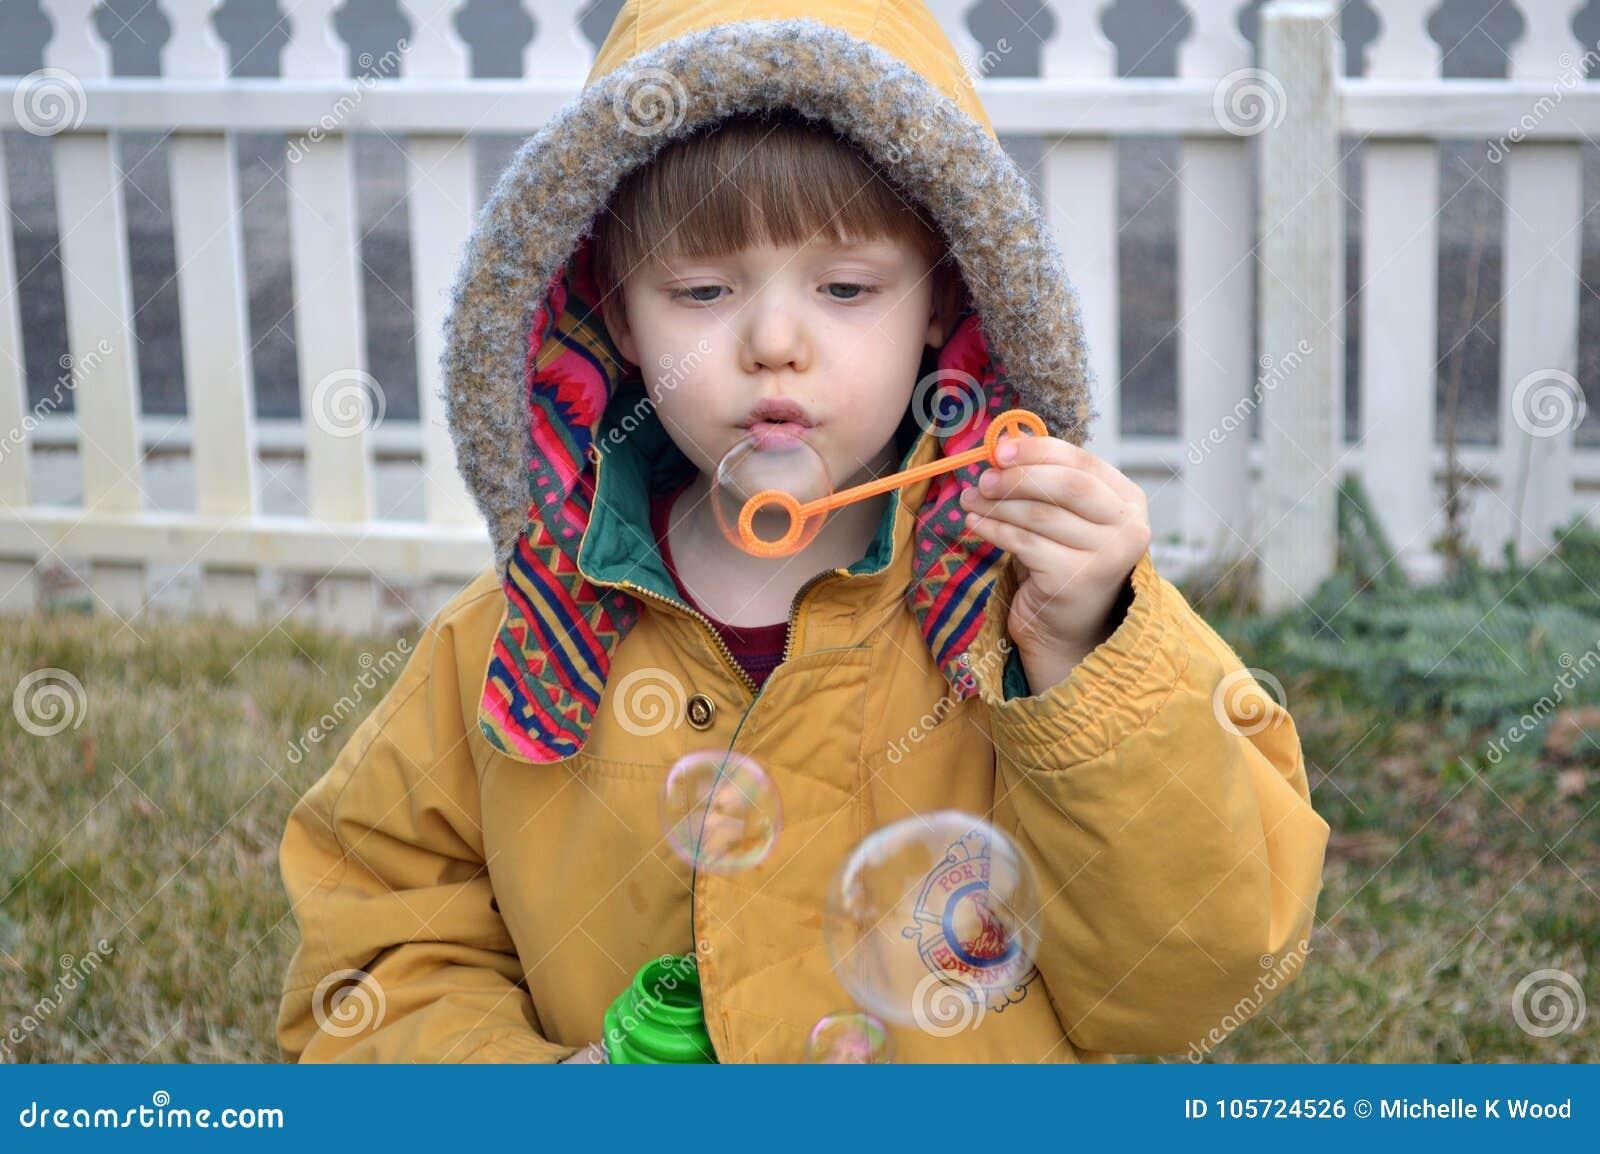 Boy blowing bubbles in the yard in winter